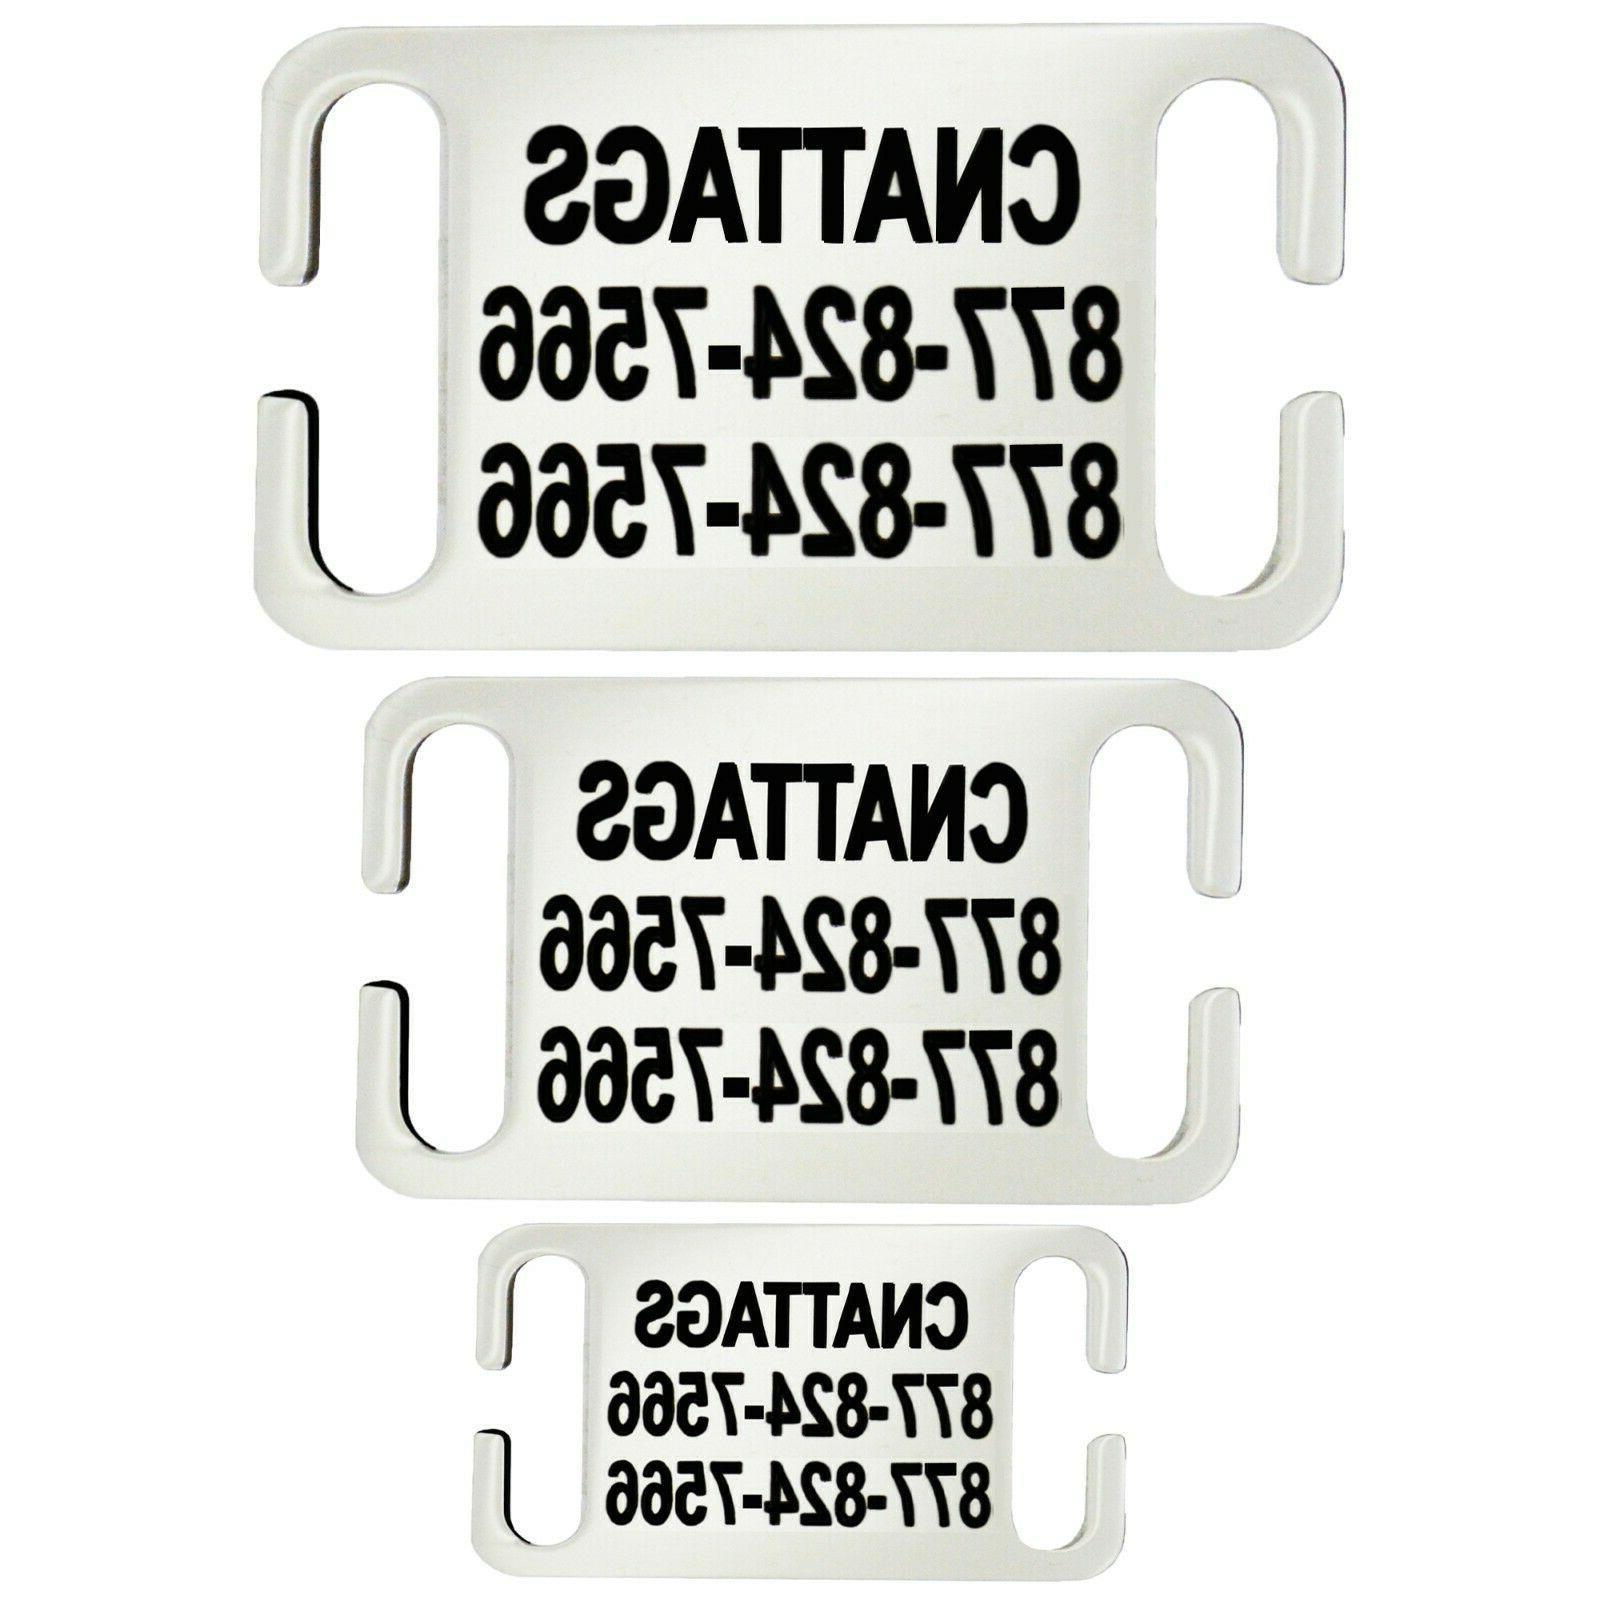 stainless steel slide on pet id tags